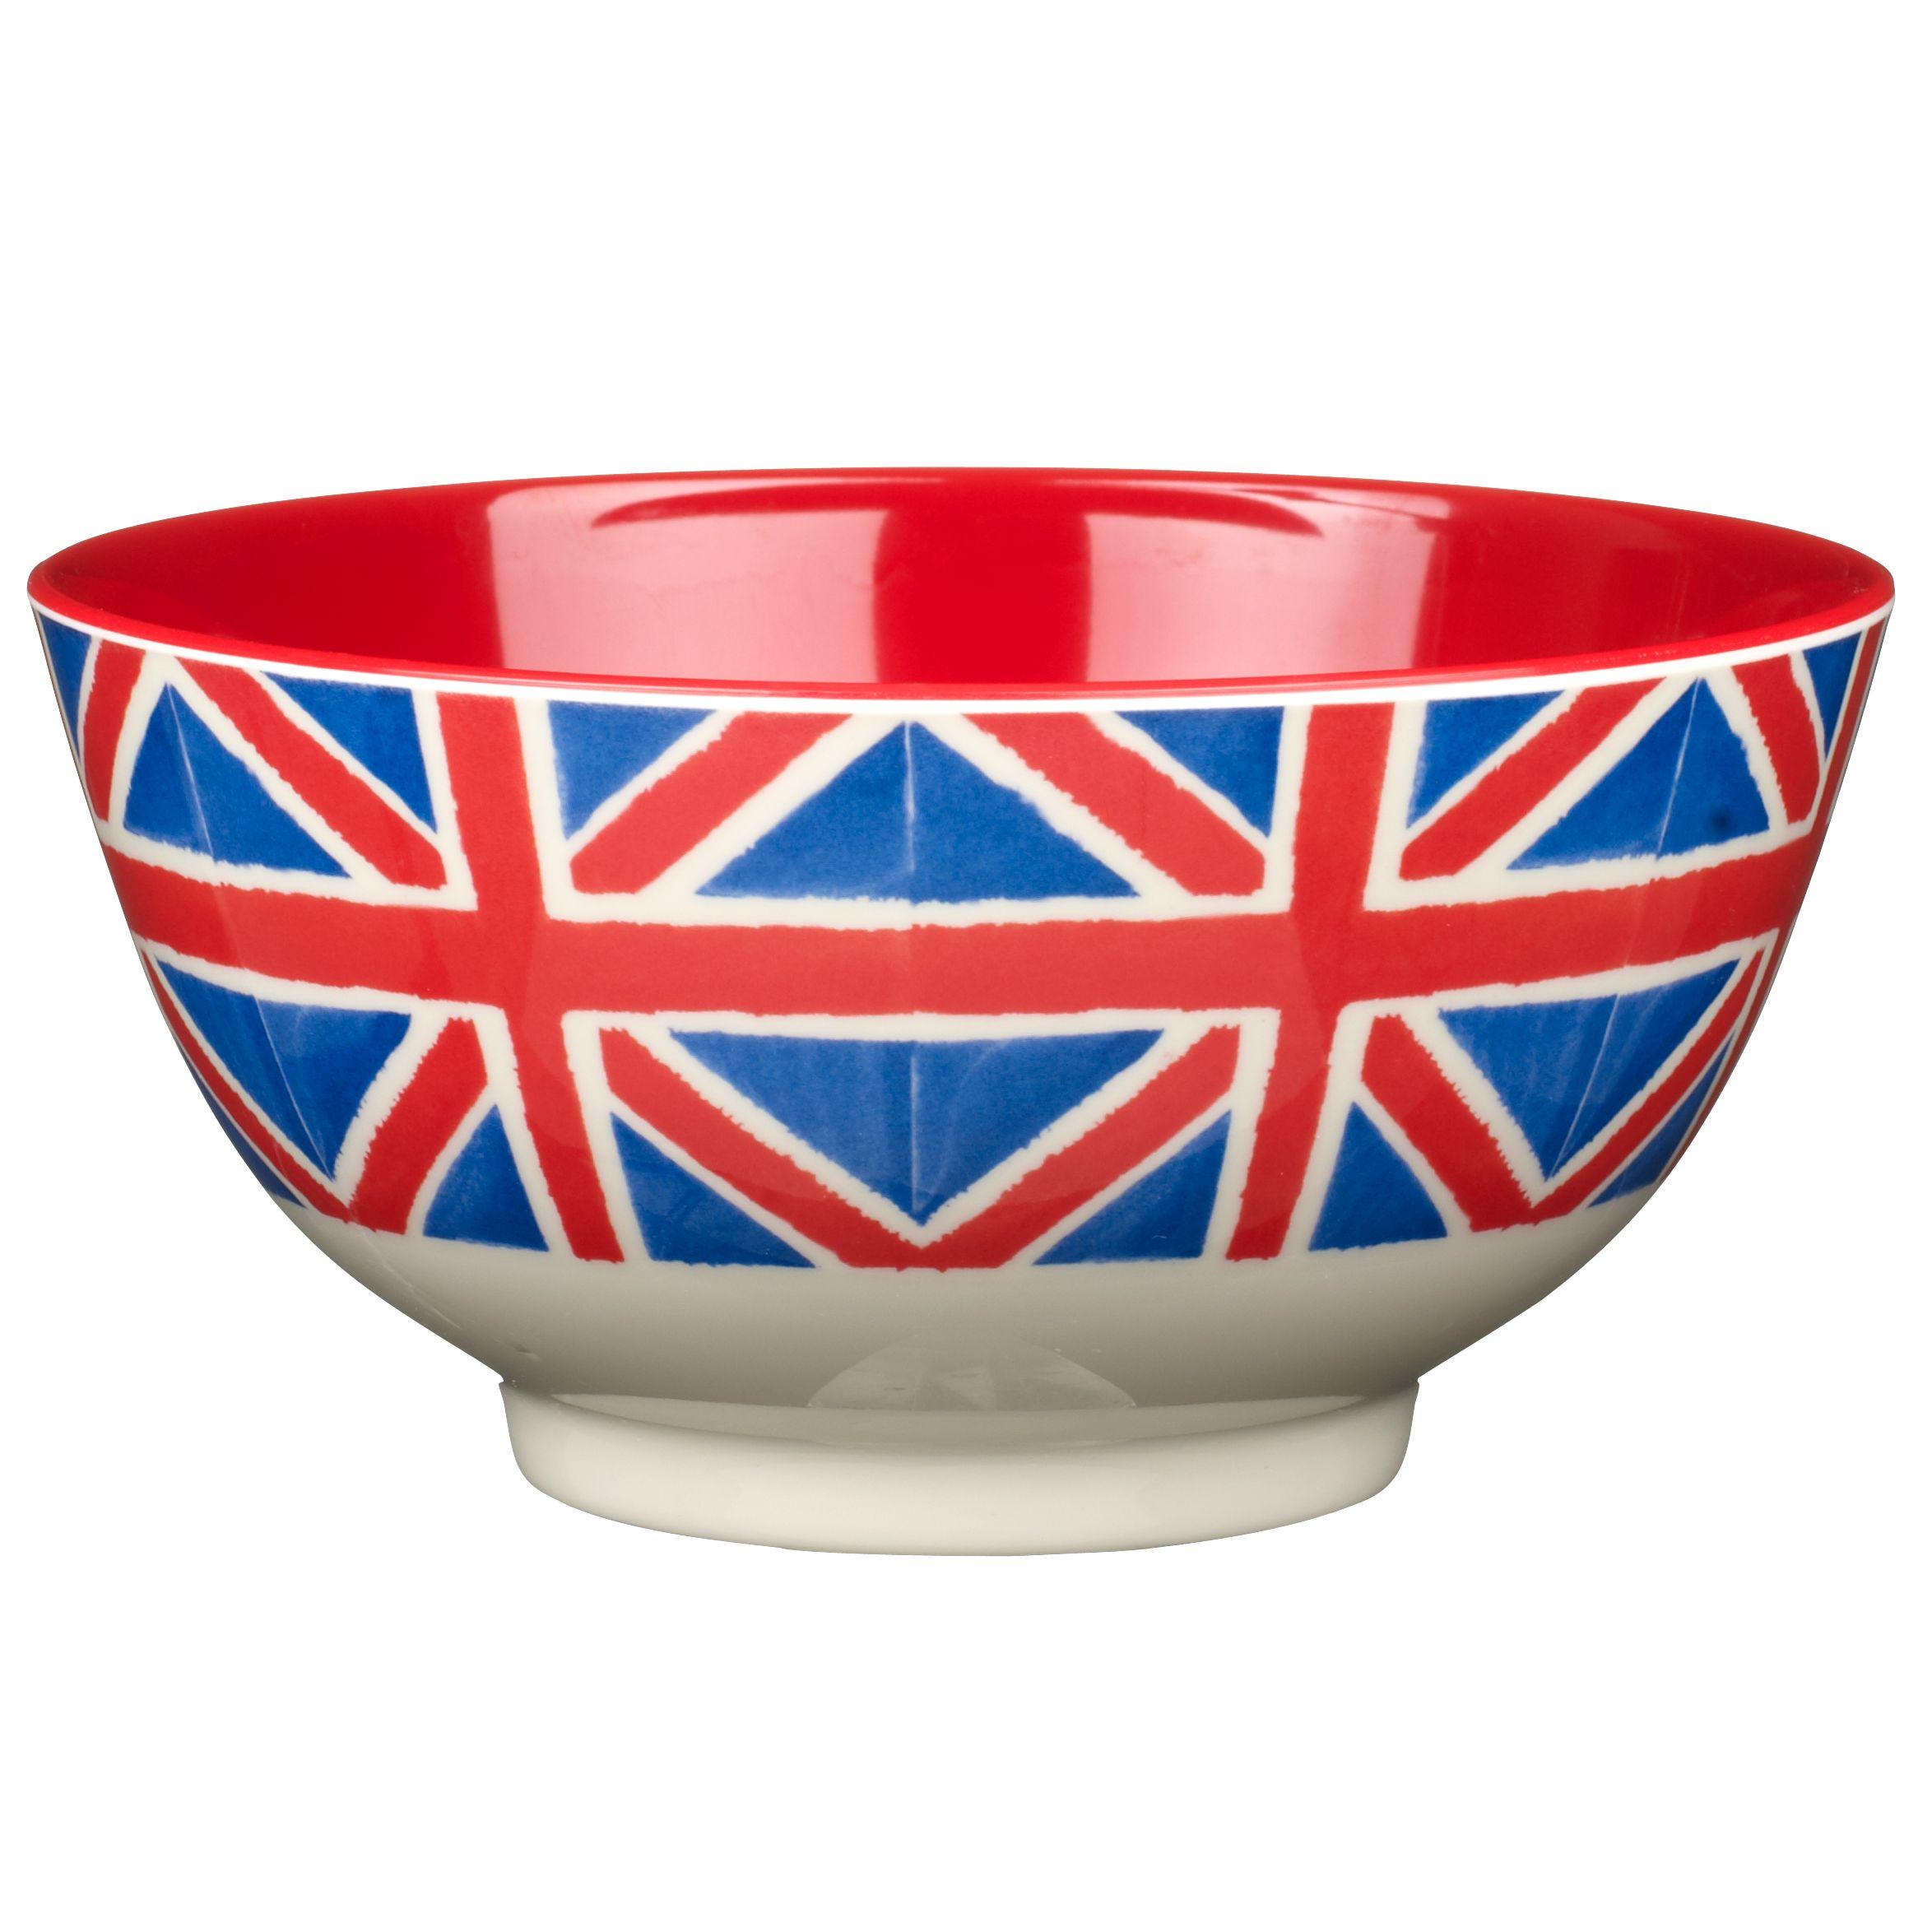 Emma Bridgewater Union Jack Melamine Bowl